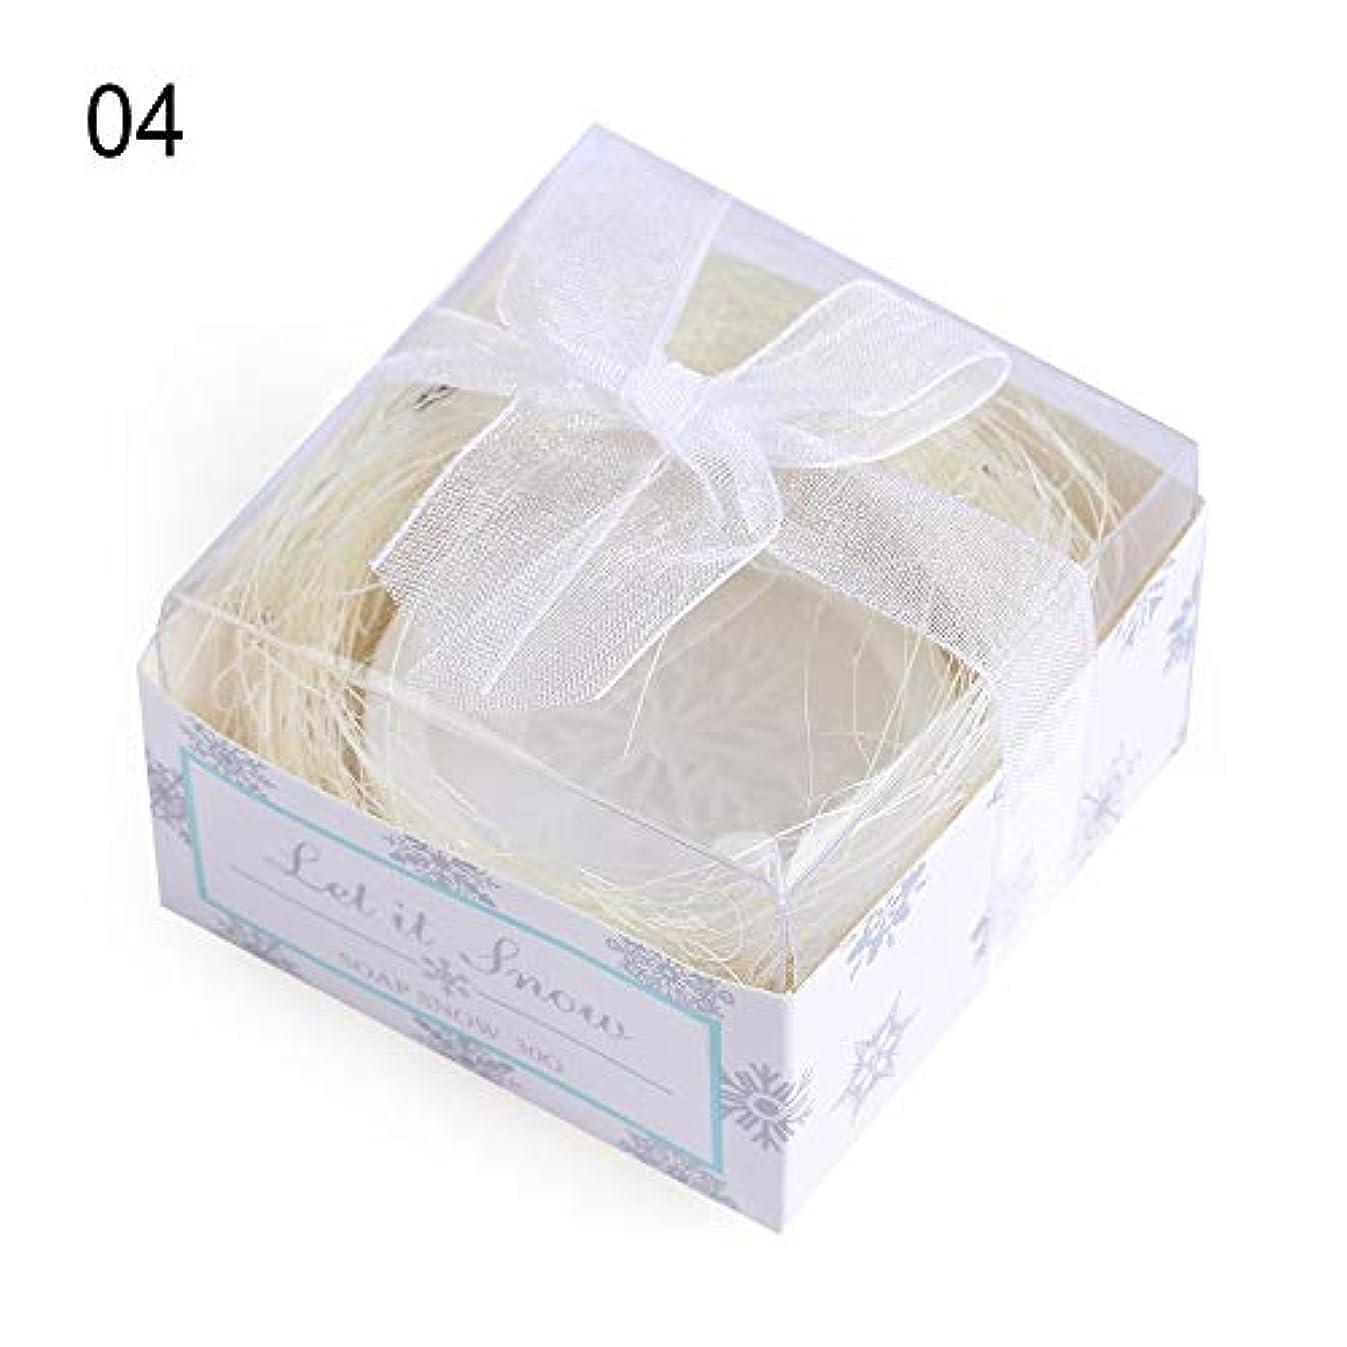 添加剤ドロップ急勾配の手作り石鹸ミニ様々なファッション形状デザイン浴室石鹸結婚式パーティーハンドギフト